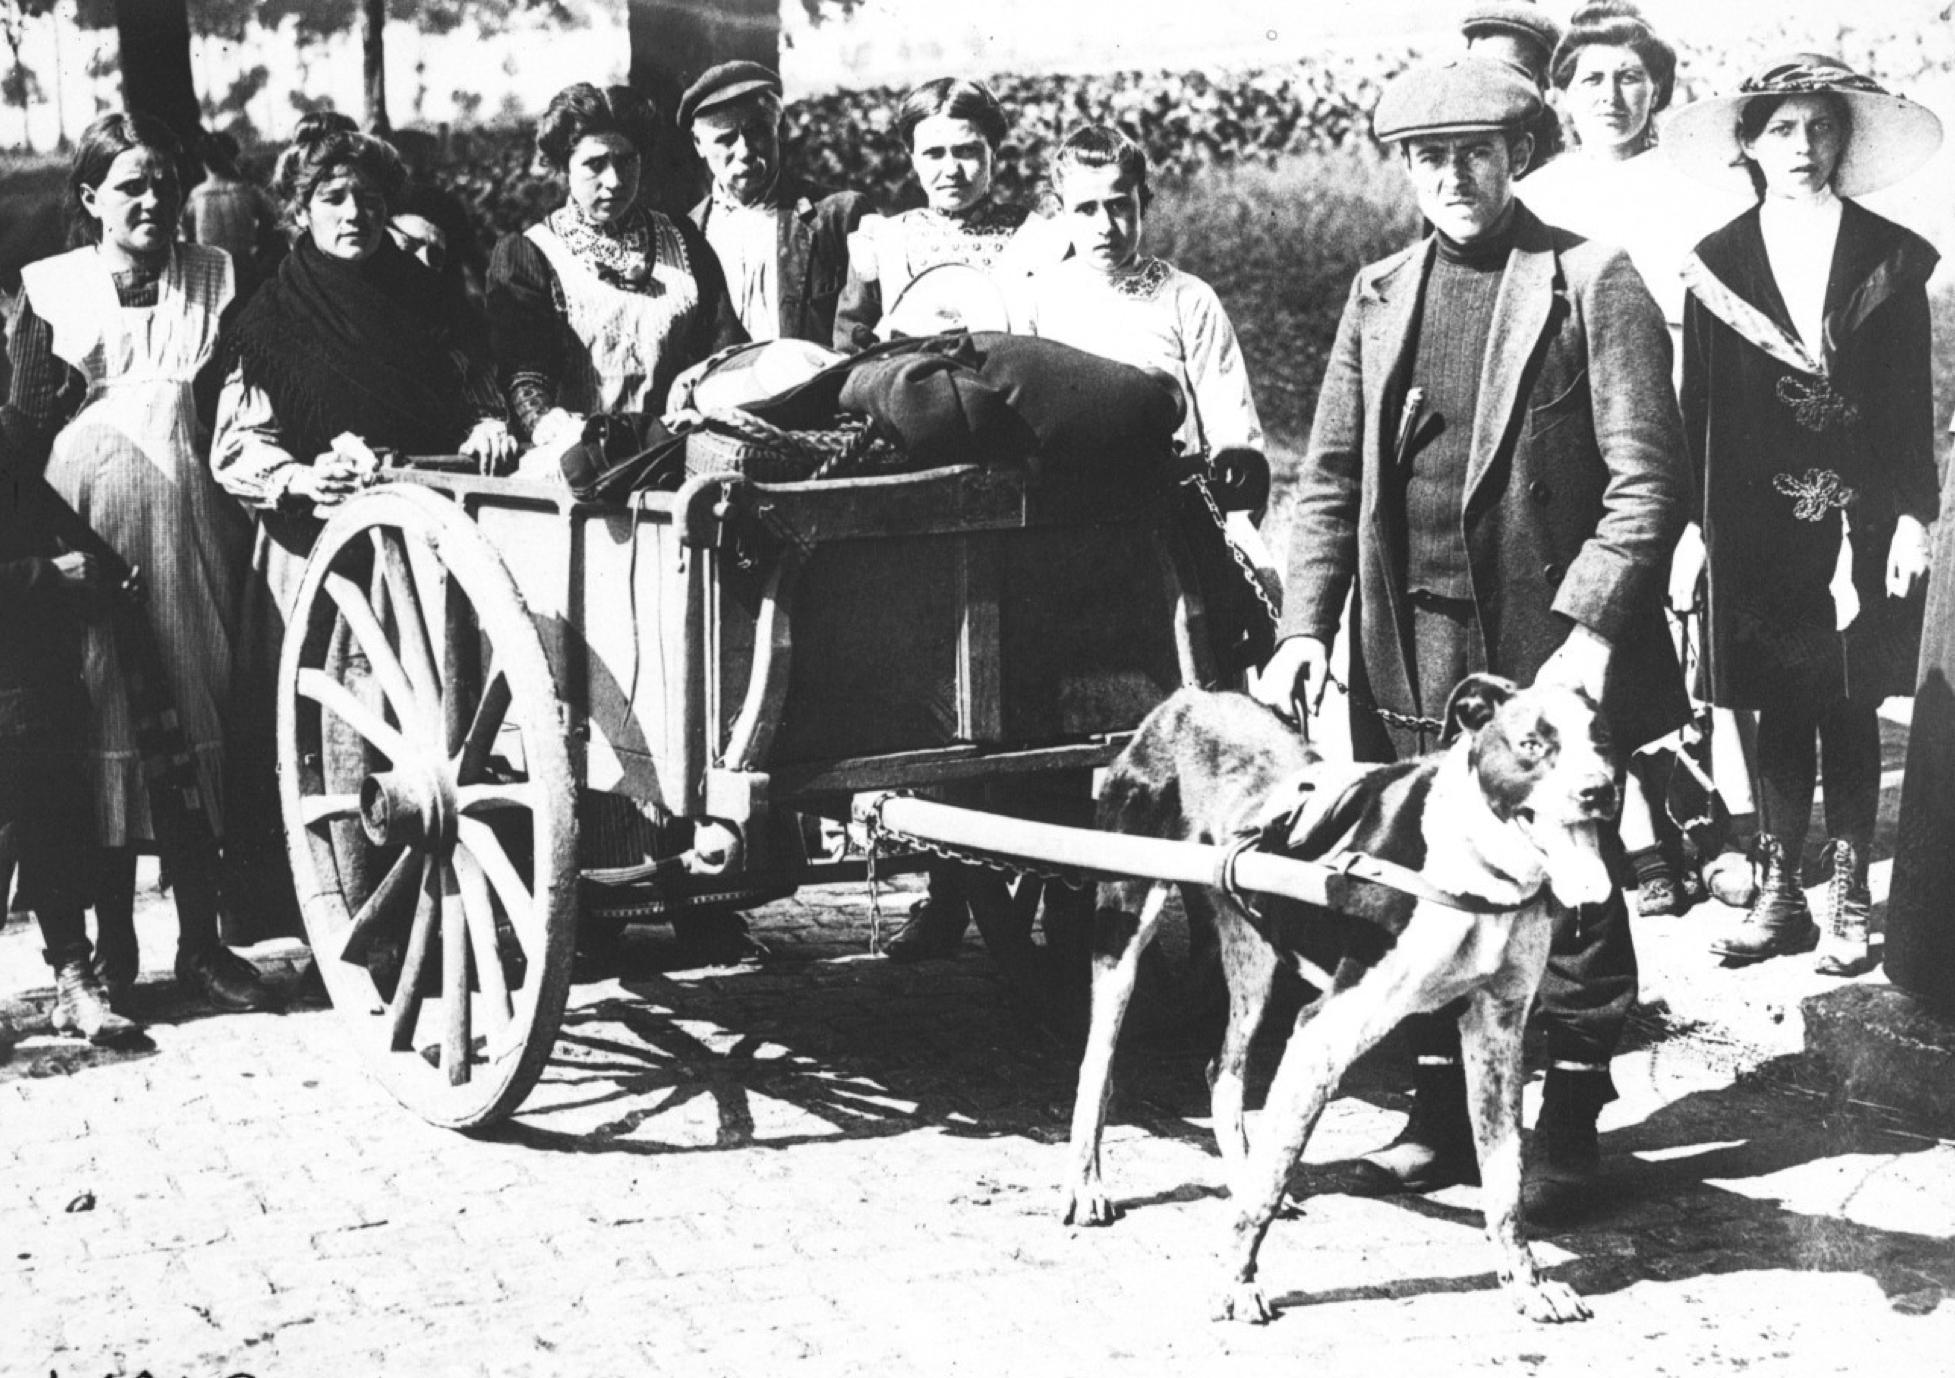 Fugitifs belges quittant Bruxelles (1914) - Gallica, Bibliothèque nationale de France, département Estampes et photographie, EST EI-13 (385)_files